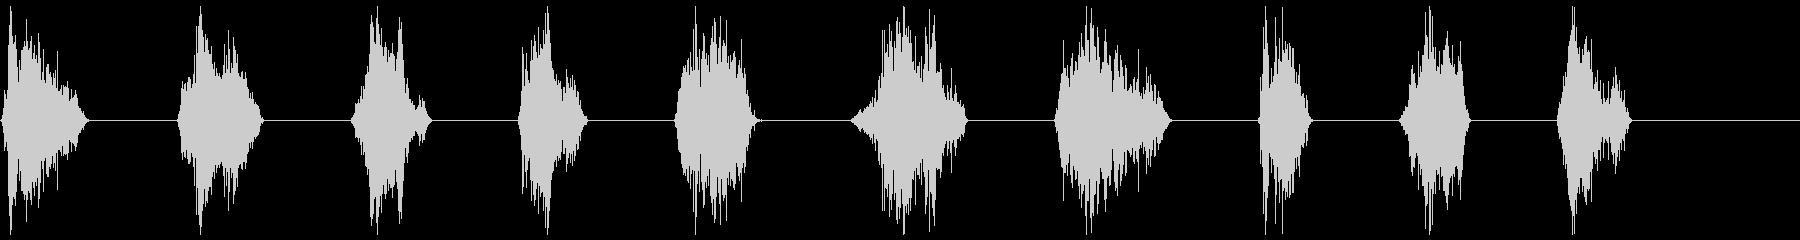 モンスター、タイプ2、うなり1〜10の未再生の波形